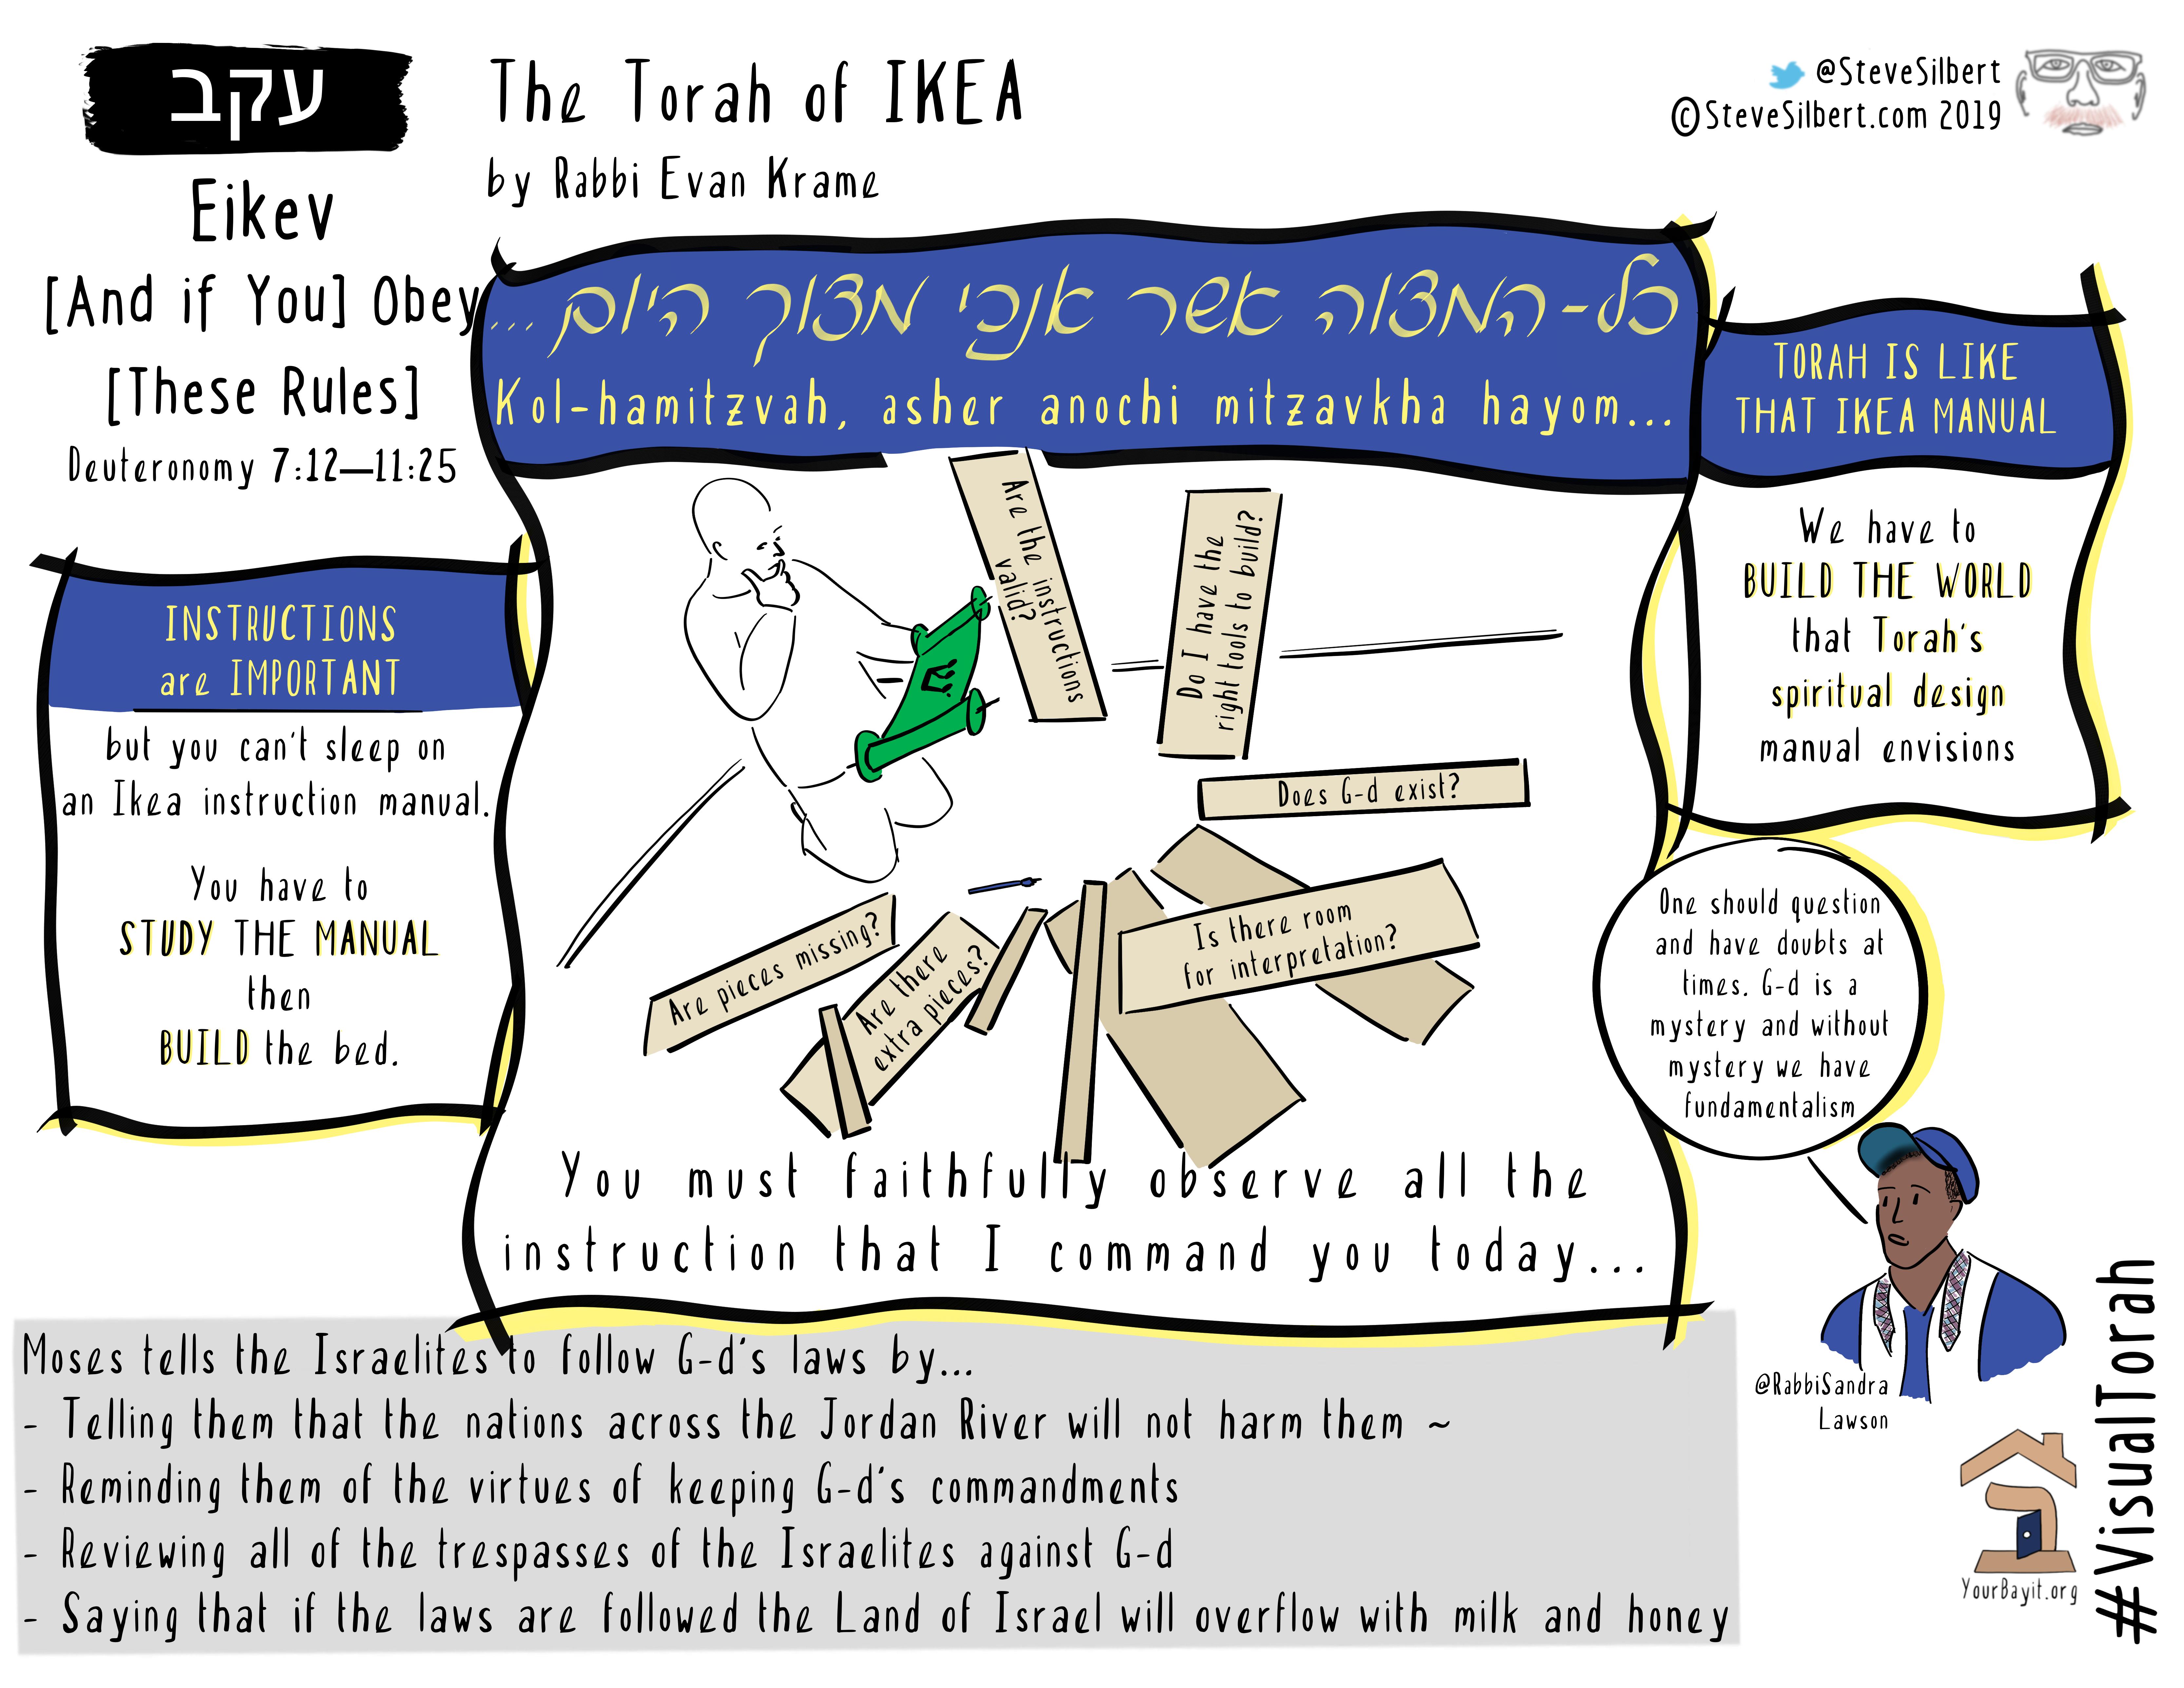 The Torah of Ikea - Bayit: Building Jewish